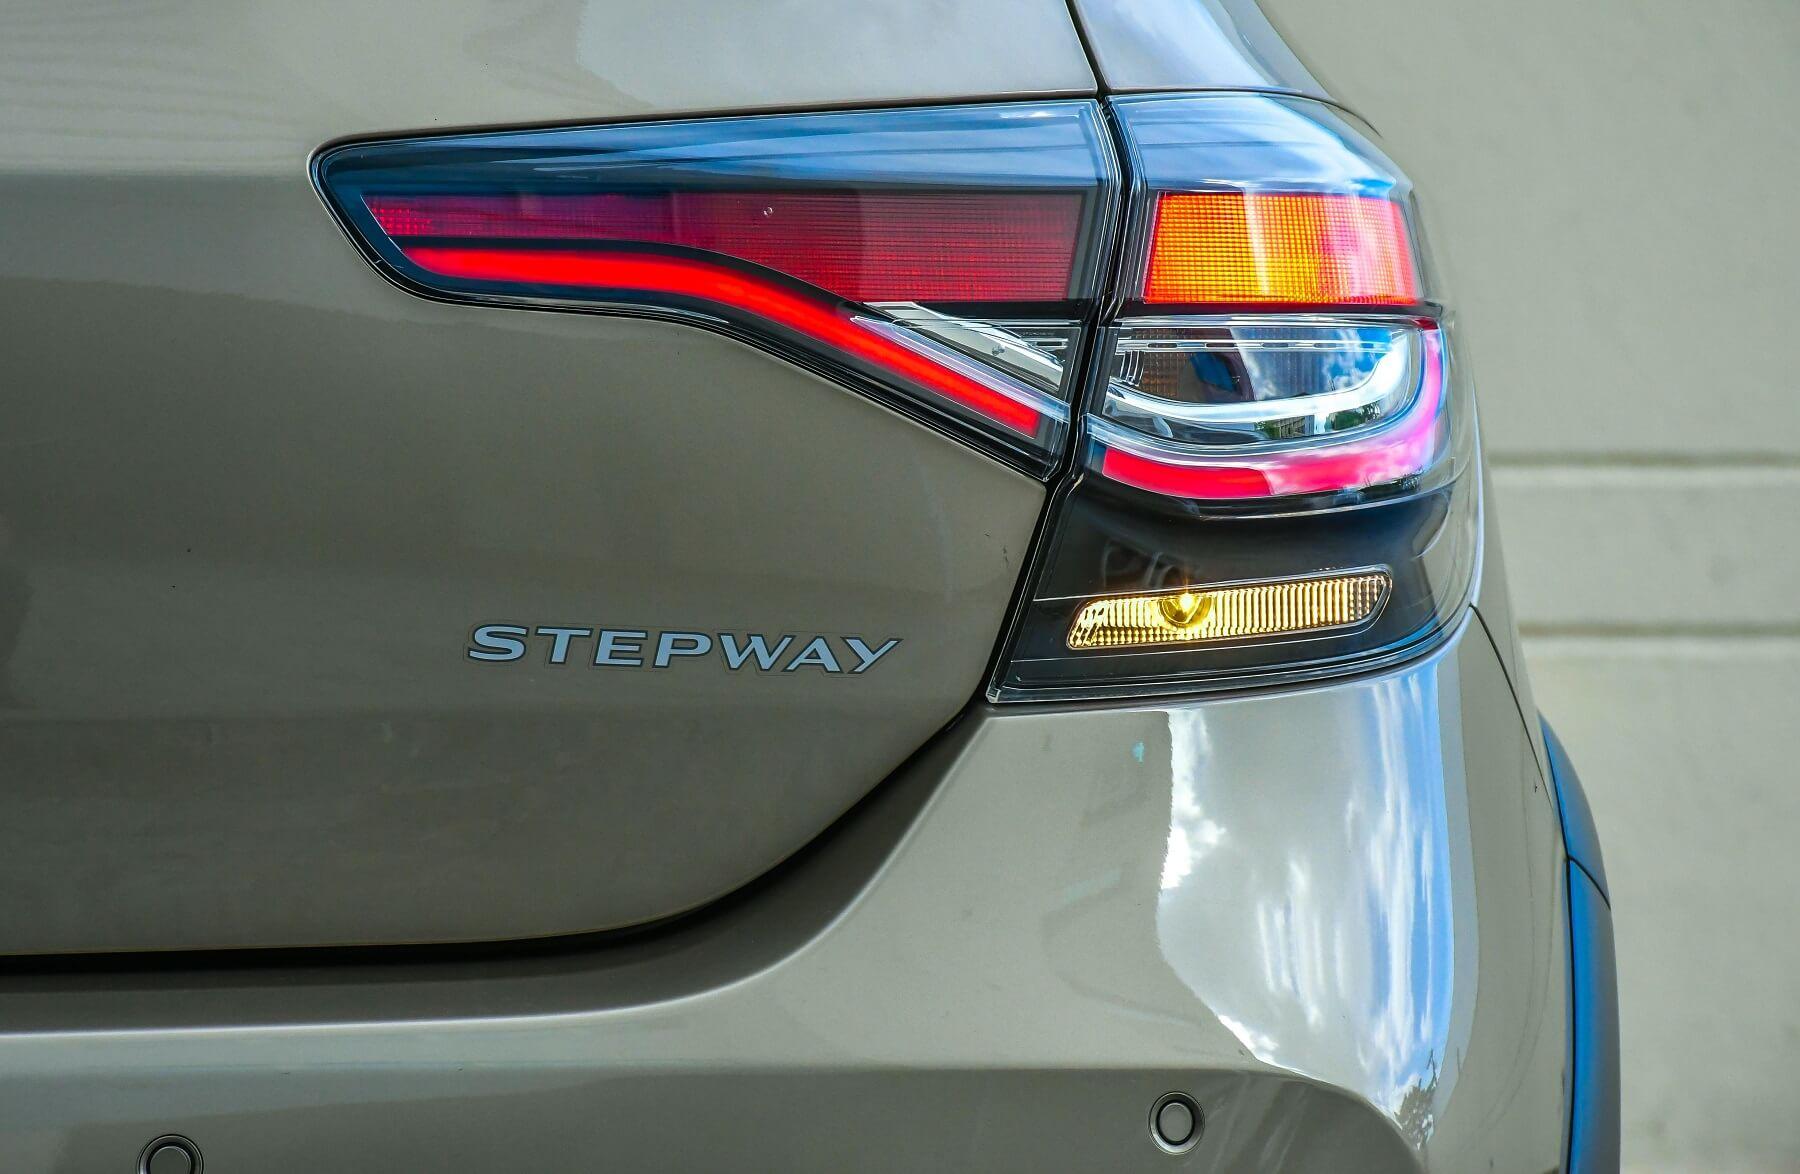 Novas lanternas são os grandes diferenciais visuais do Stepway 2020